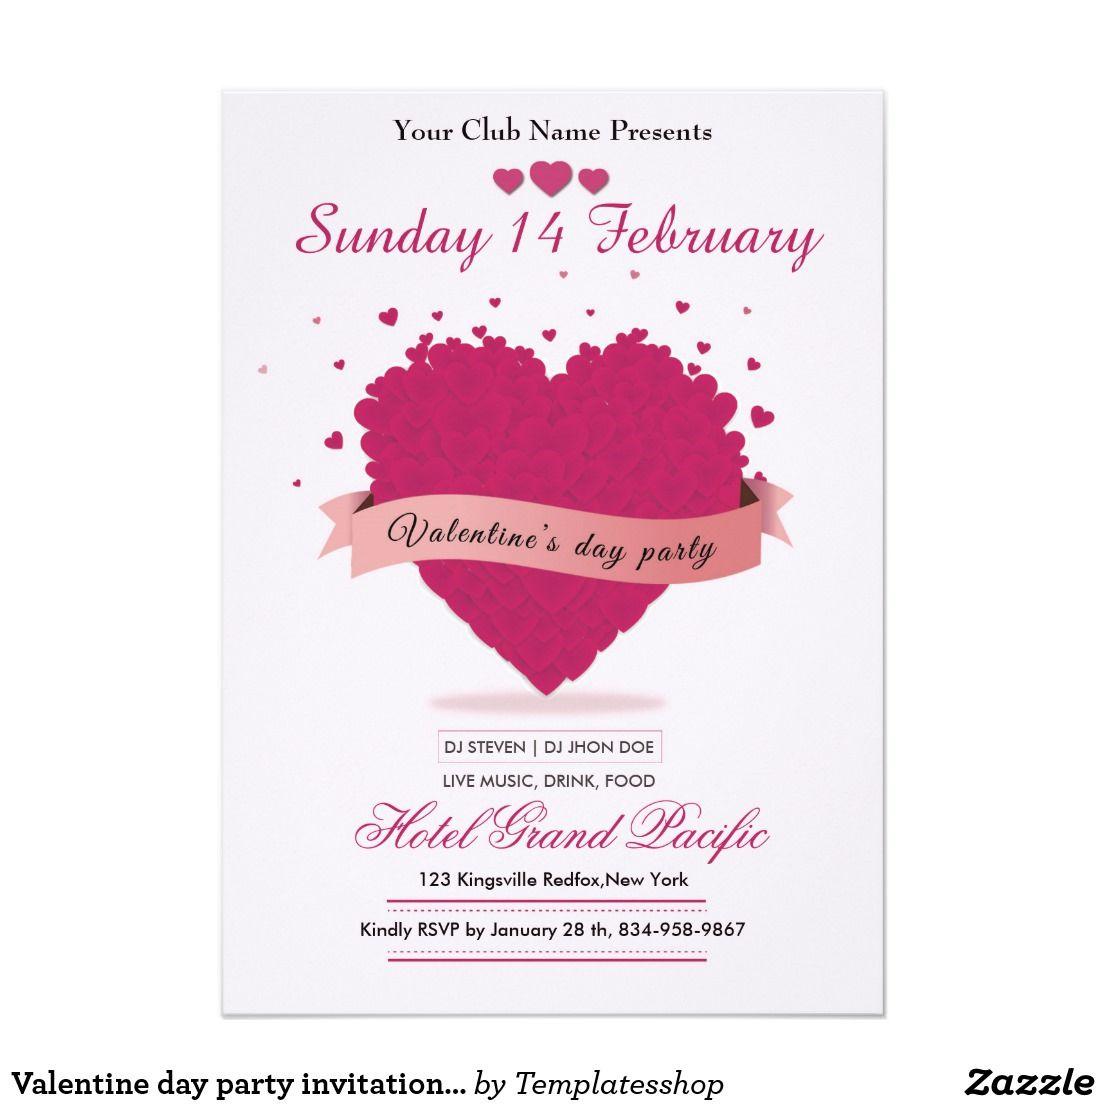 Valentine Day Party Invitation Card Zazzle Com